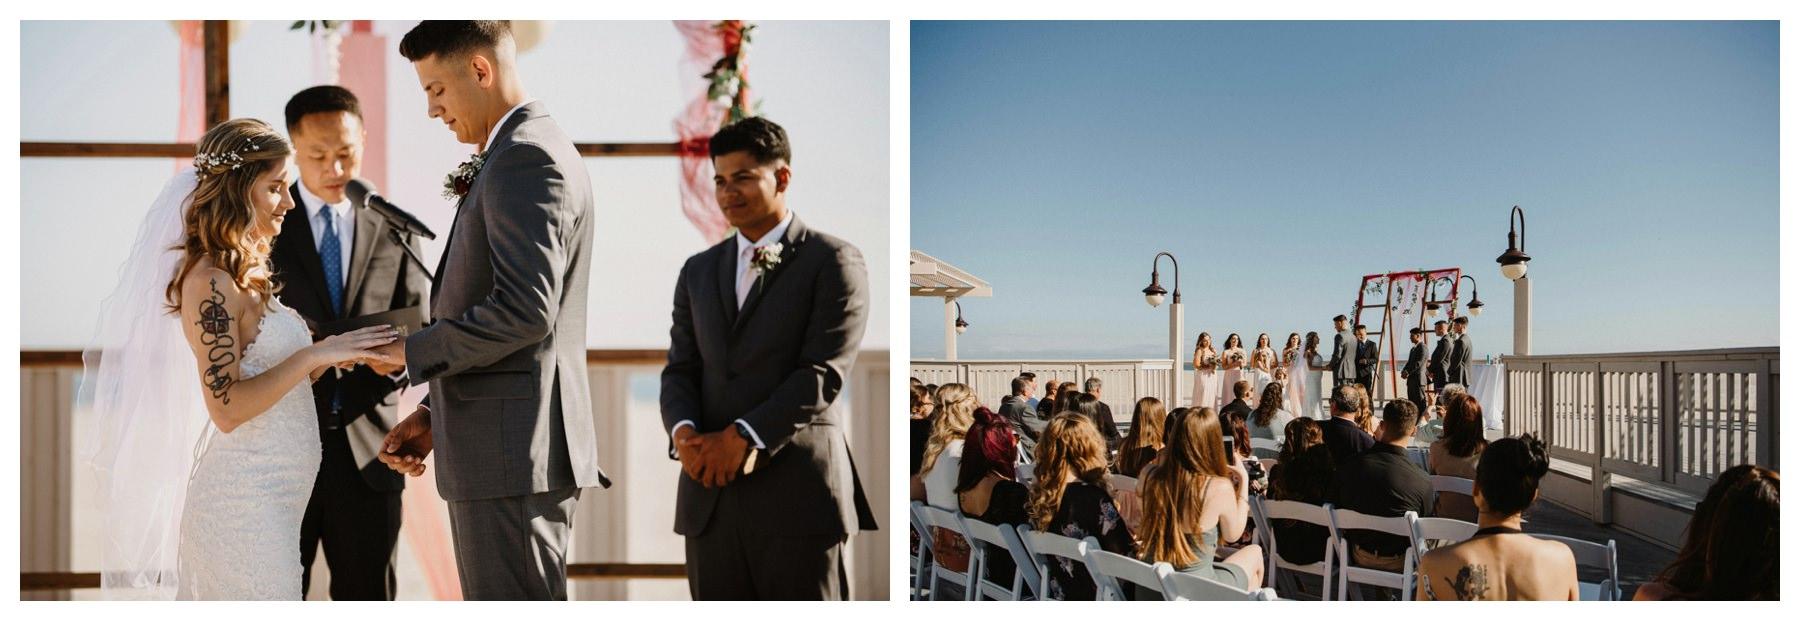 Coronado_Beach_Wedding_Singler_Photography_0026.jpg